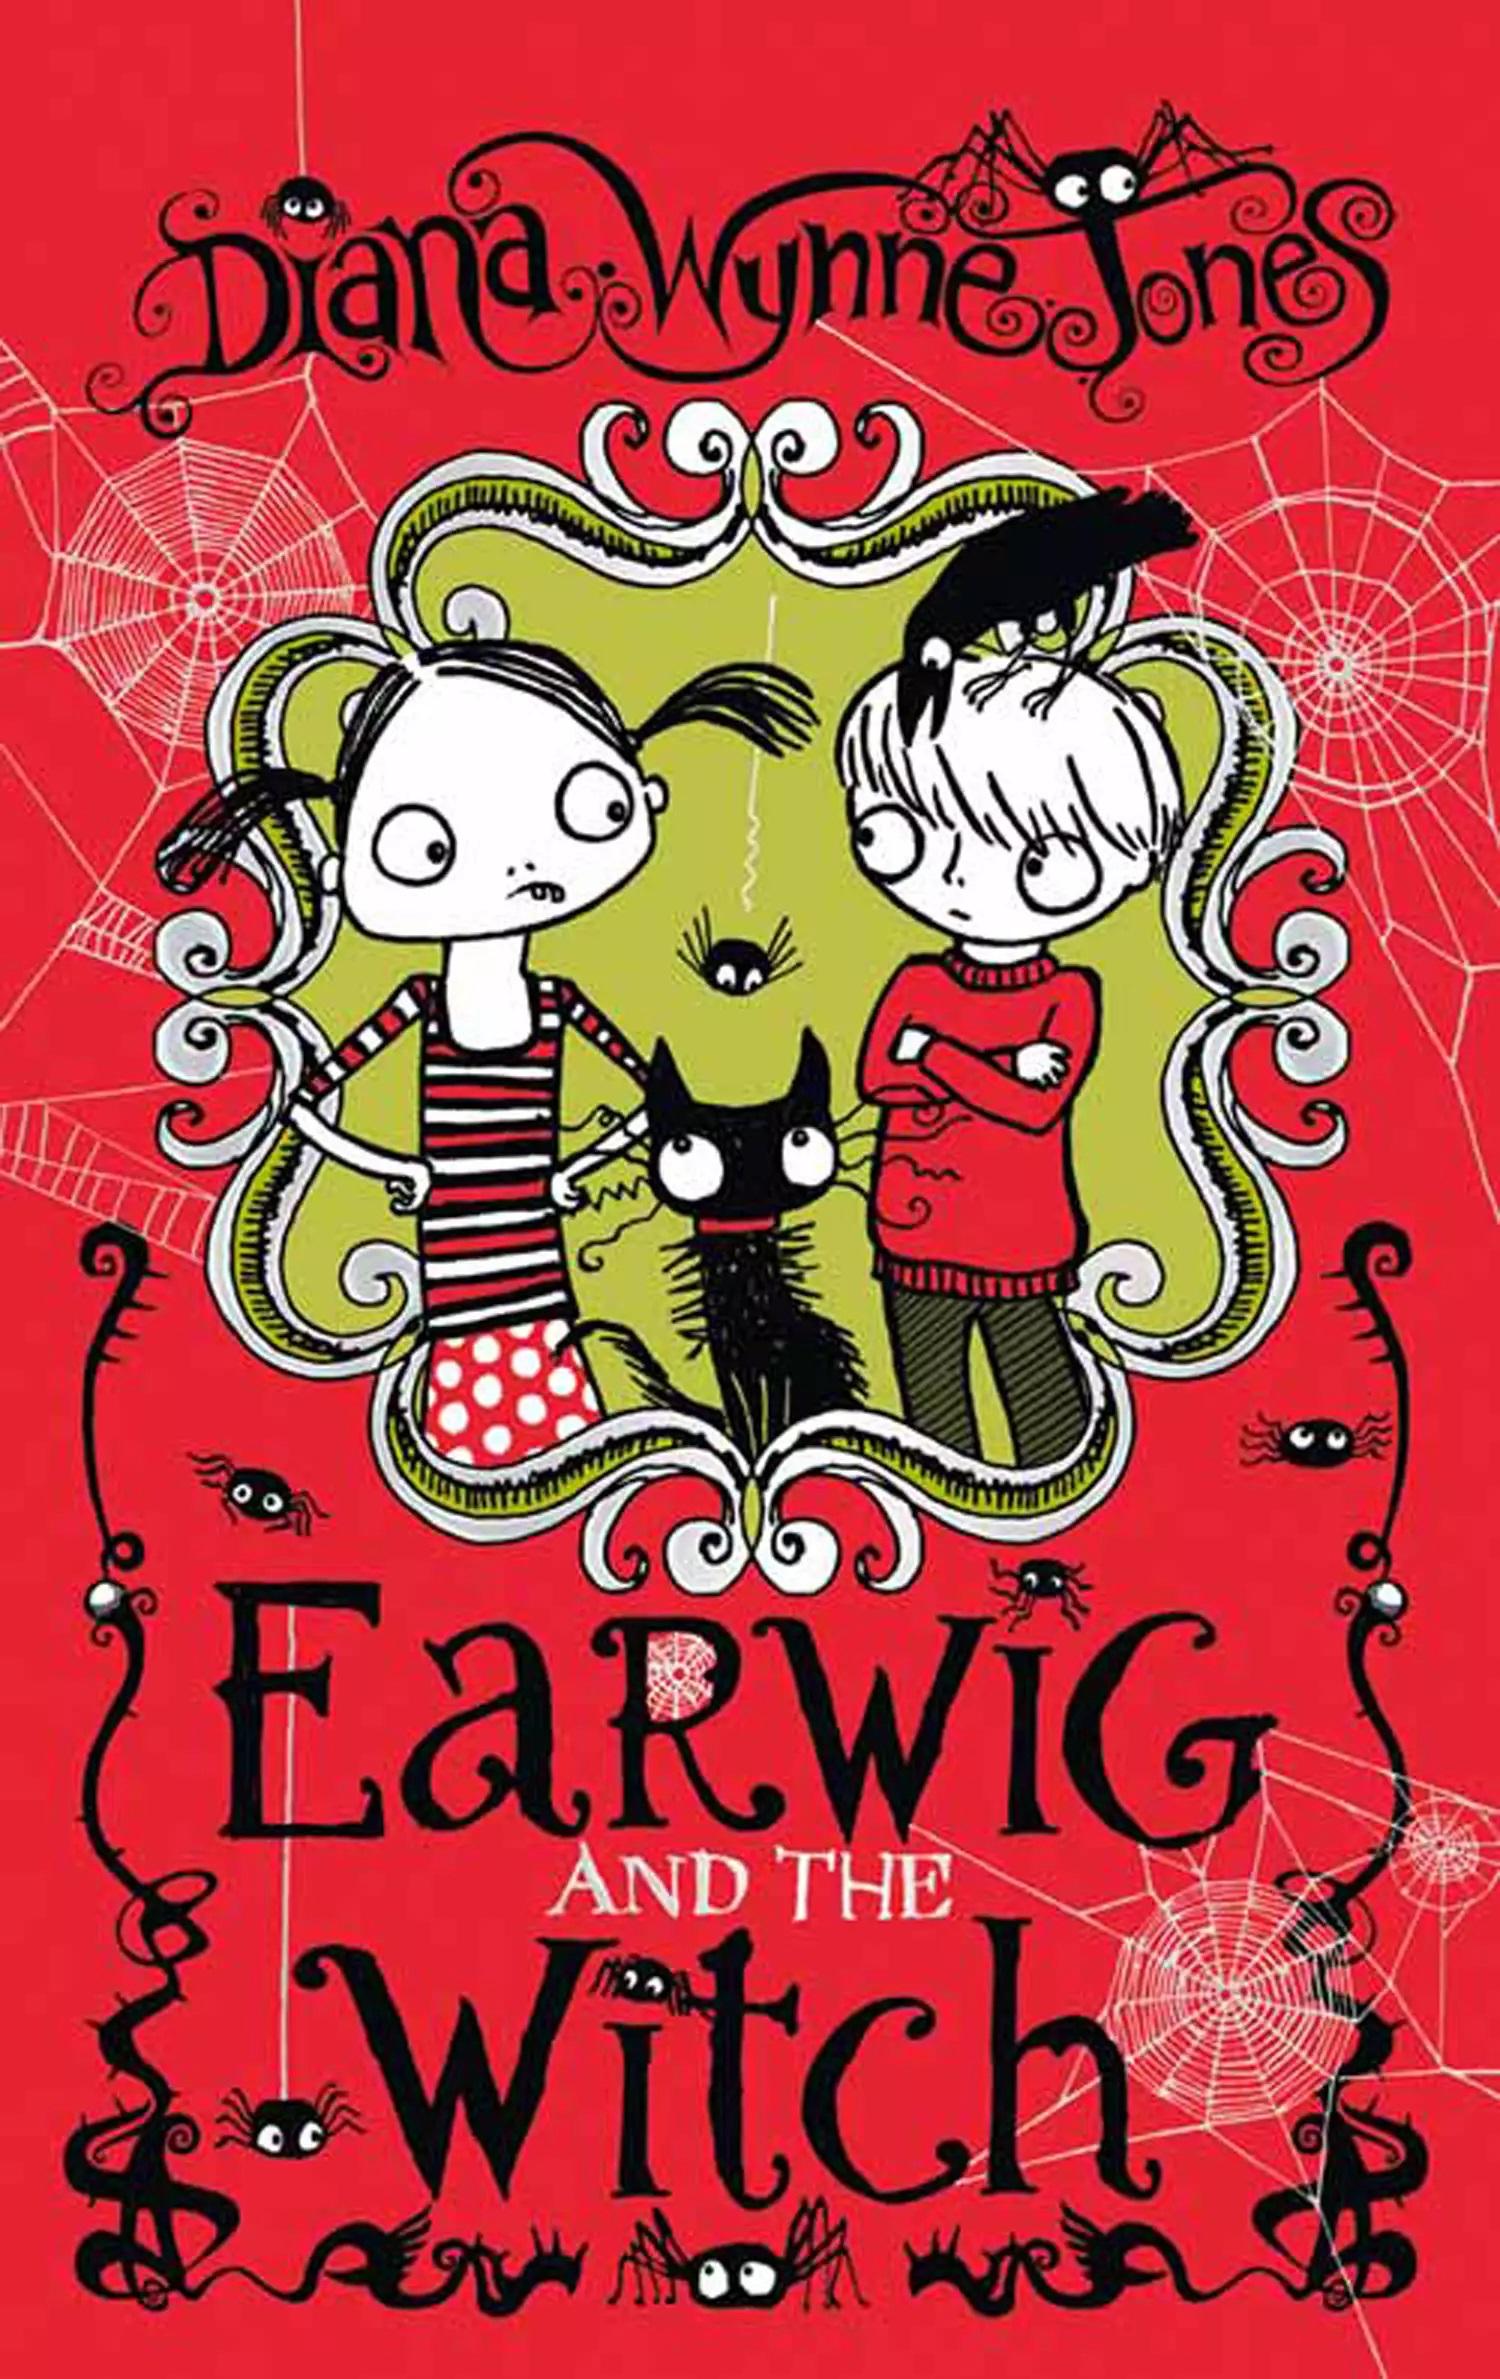 Горо Миядзаки работает над аниме по мотивам романаEarwig and the Witch